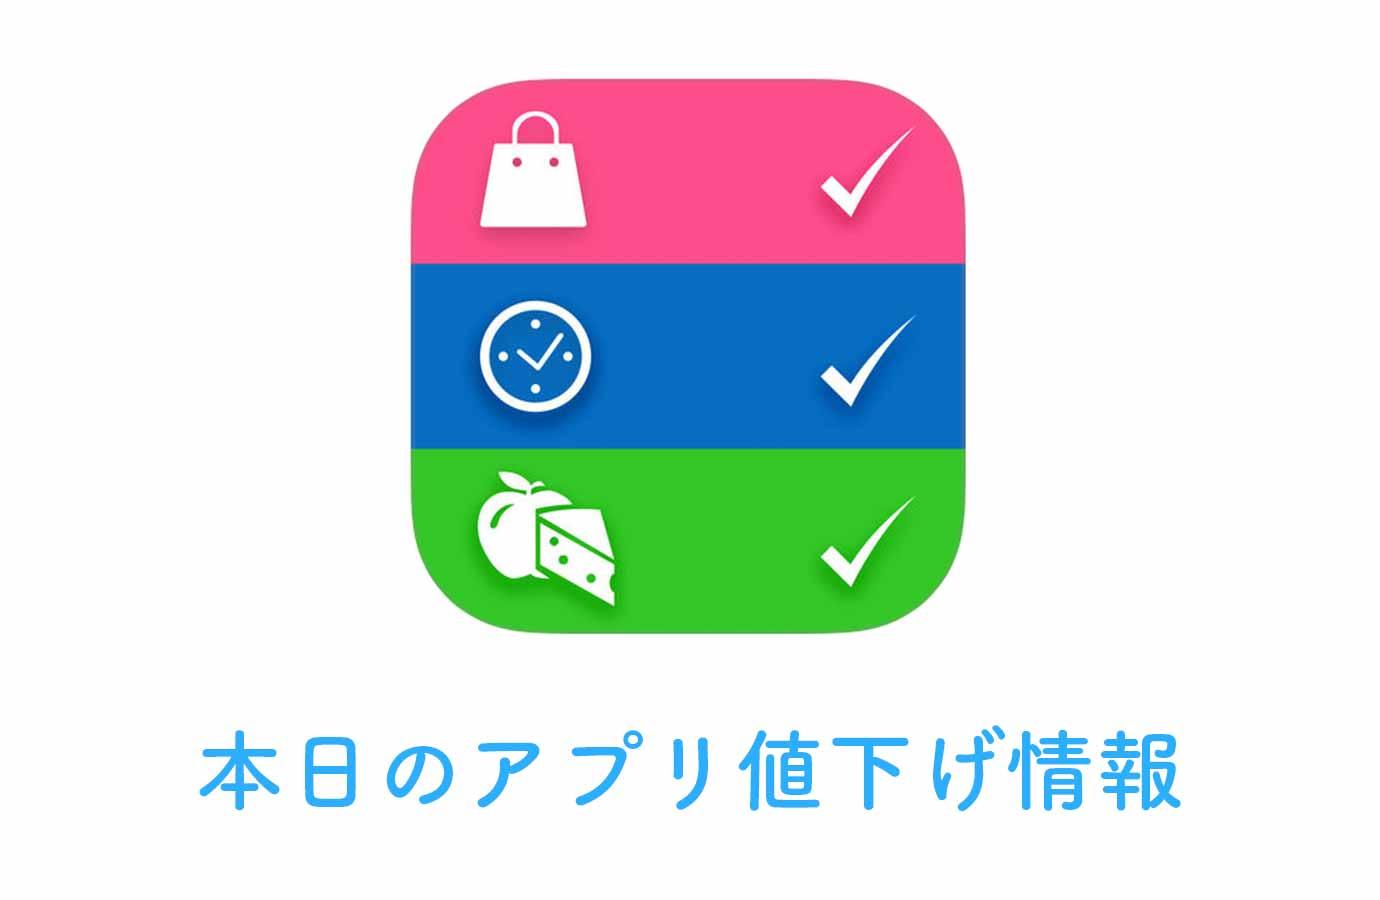 120円→無料!Todo、タスク管理アプリ「Orderly」など【12/10】アプリ値下げ情報